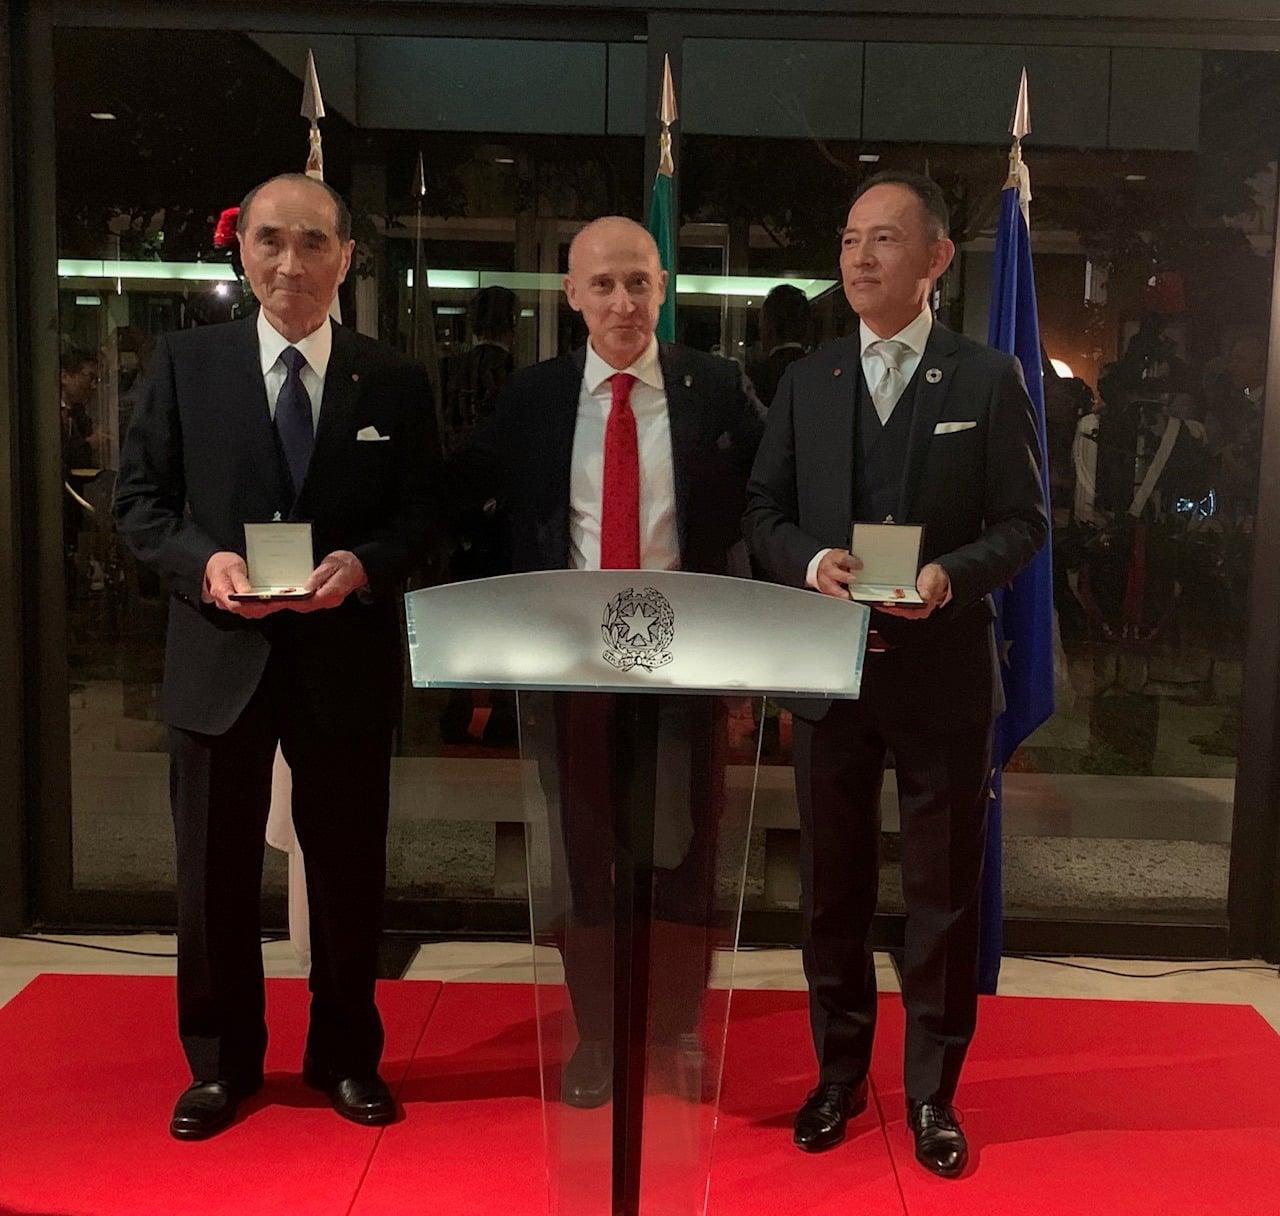 L'ambasciatore Giorgio Starace con i nuovi Cavalieri dell'Ordine della Stella d'Italia Tada Hiroshi e Yamanaka Takeshi.<br><br>